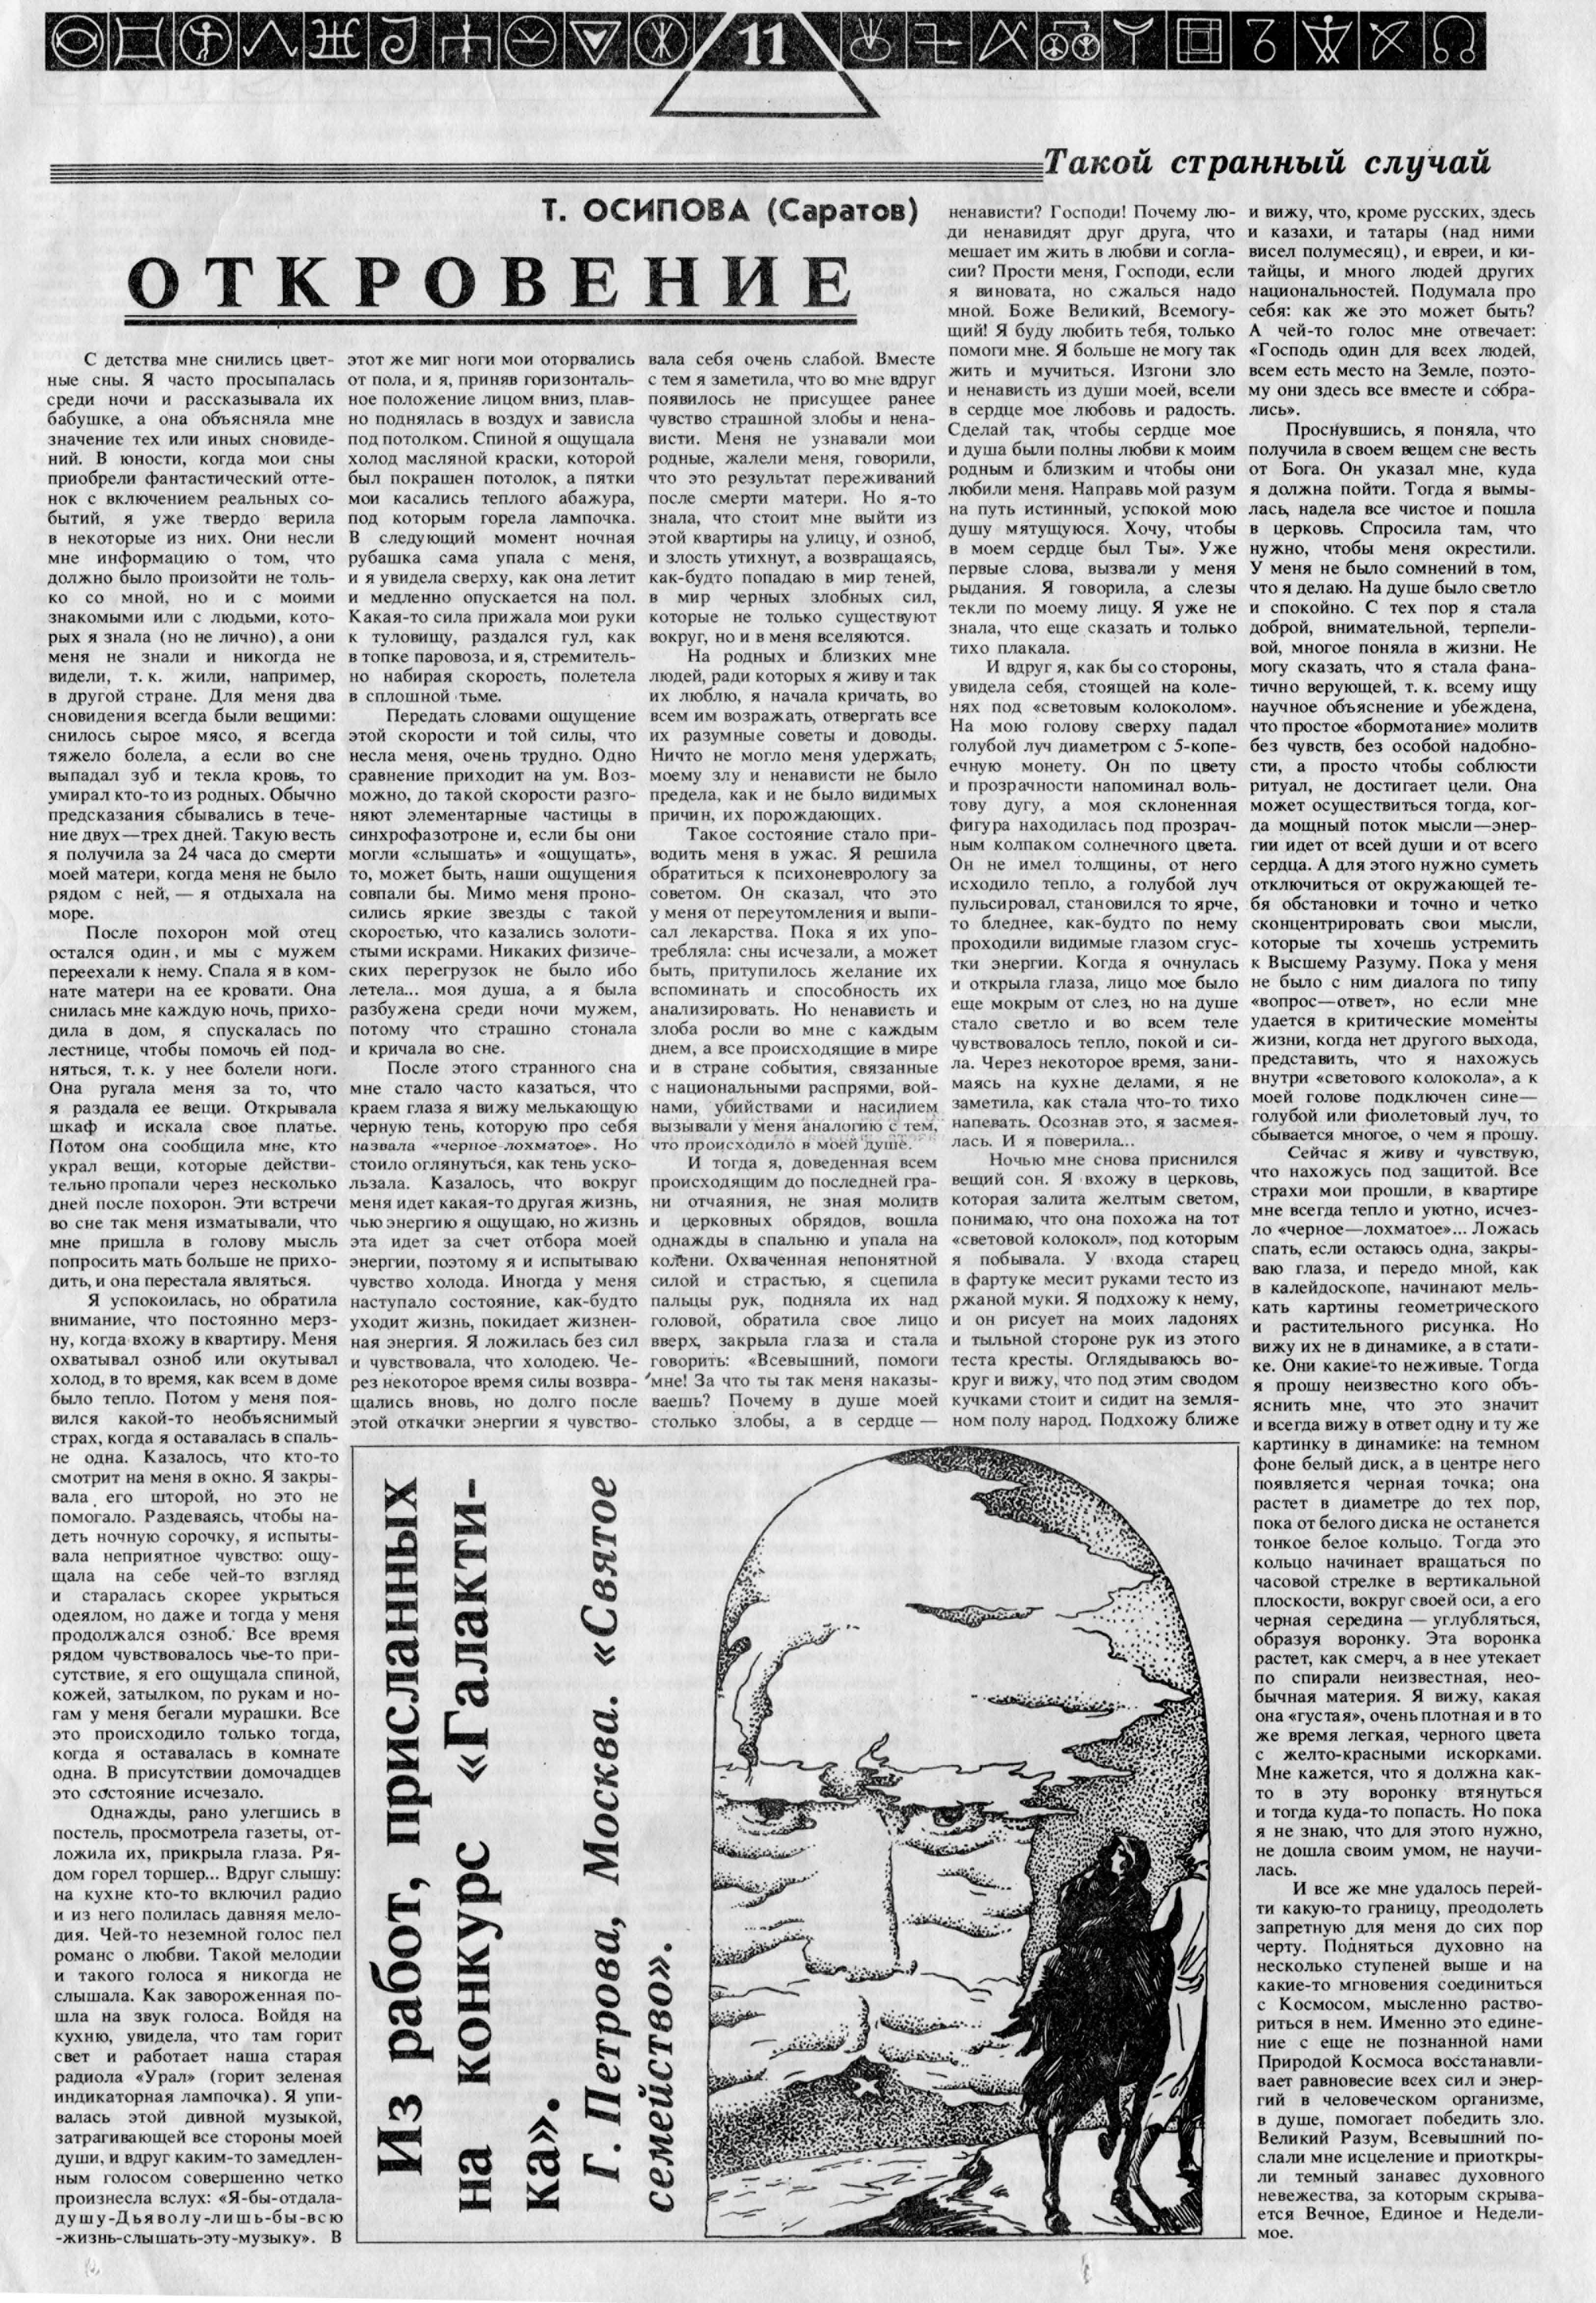 М-ский треугольник #15 (09-1991)_Страница_11.jpg